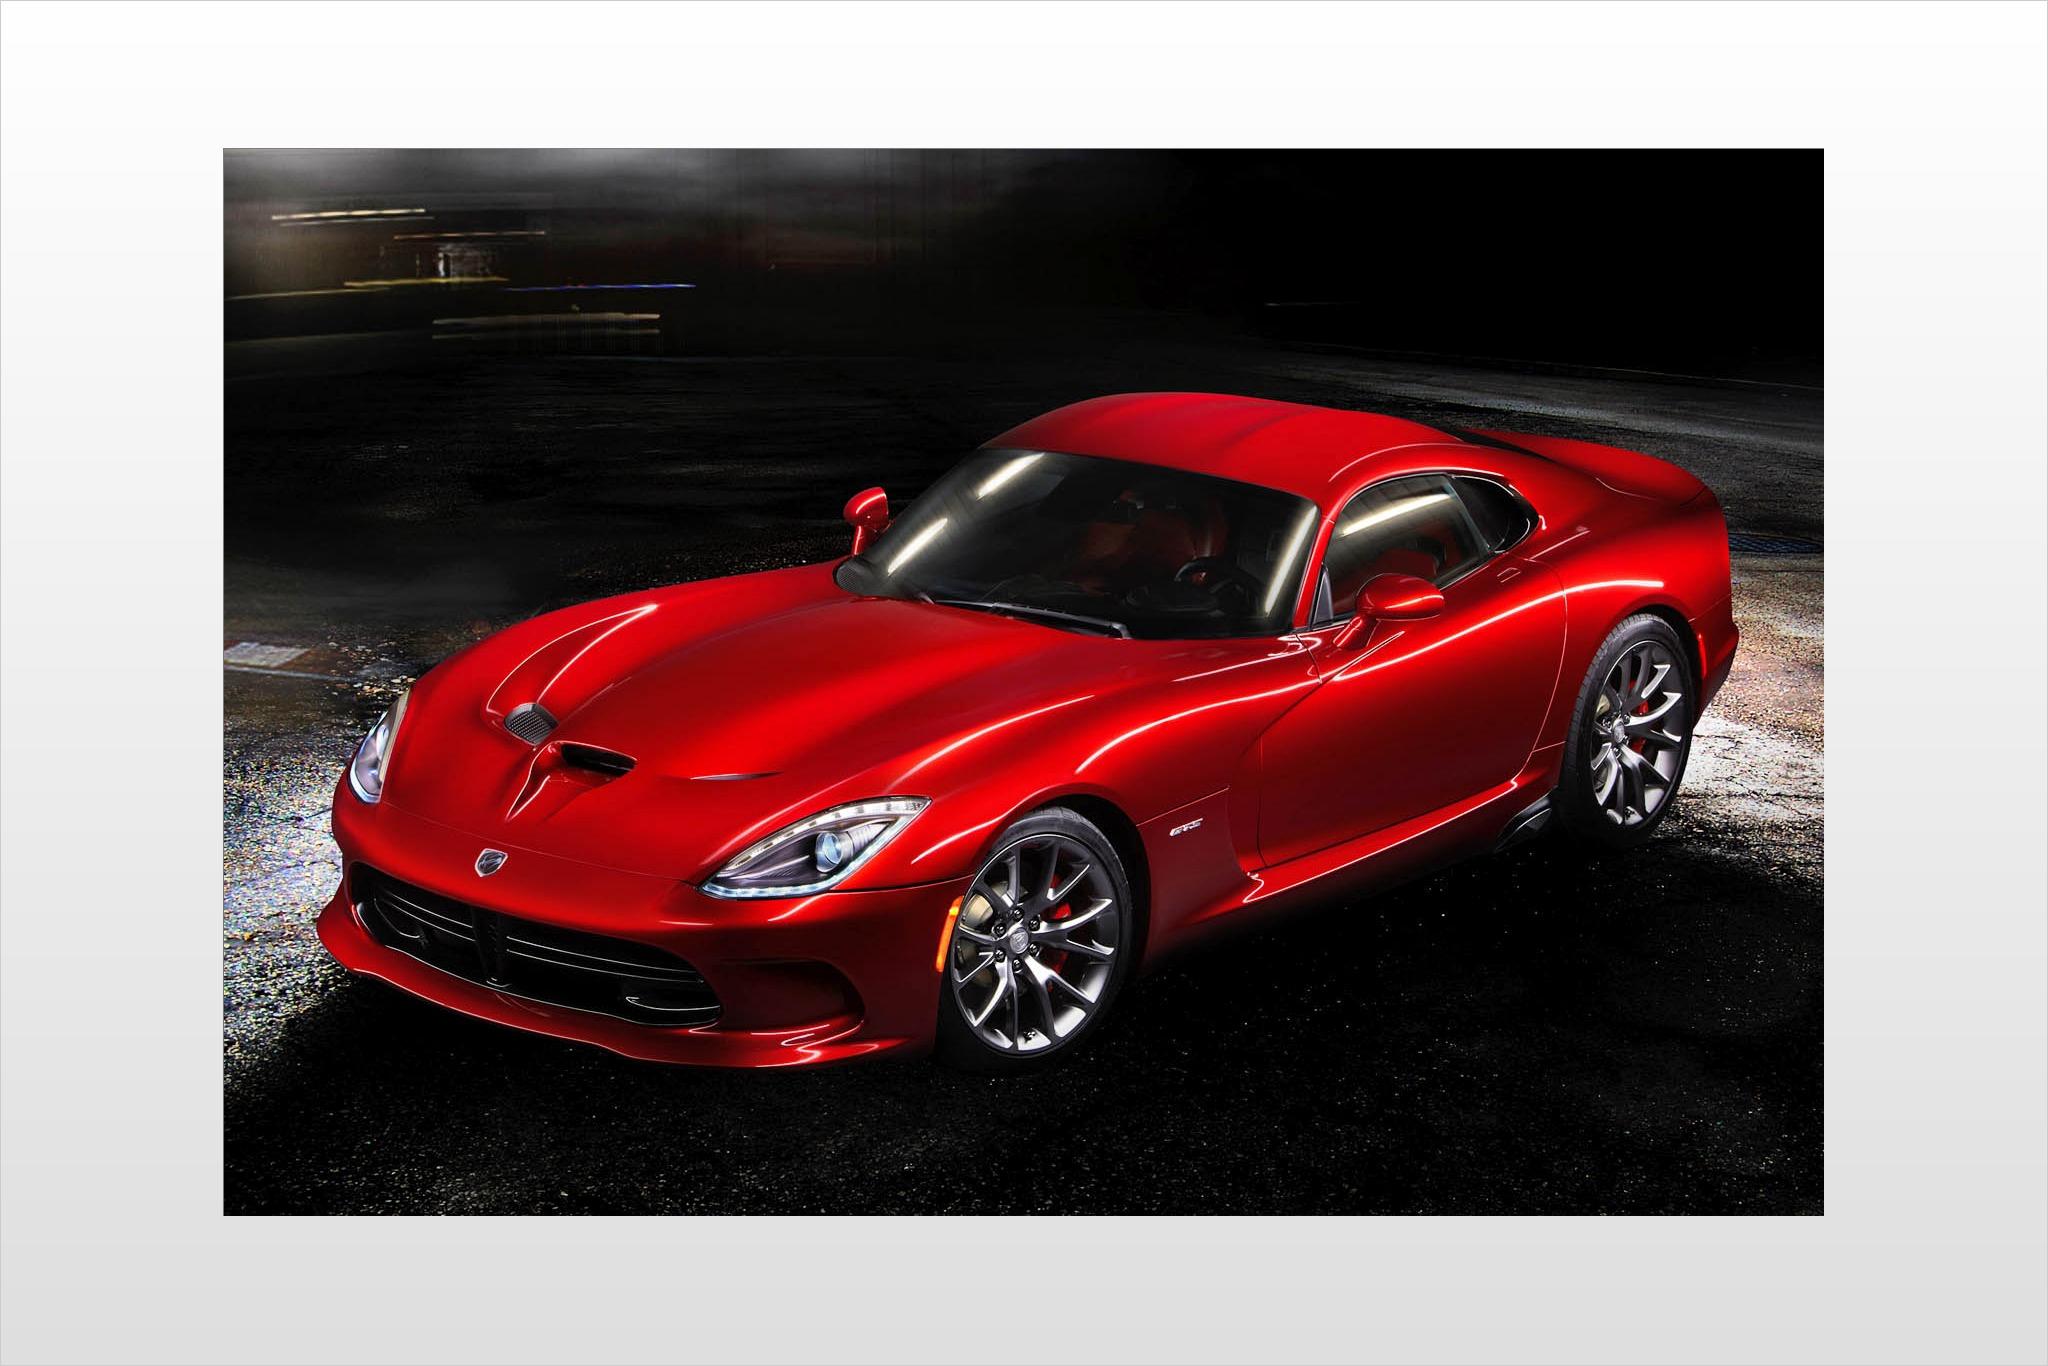 2013 srt viper coupe gts fq oem 1 2048